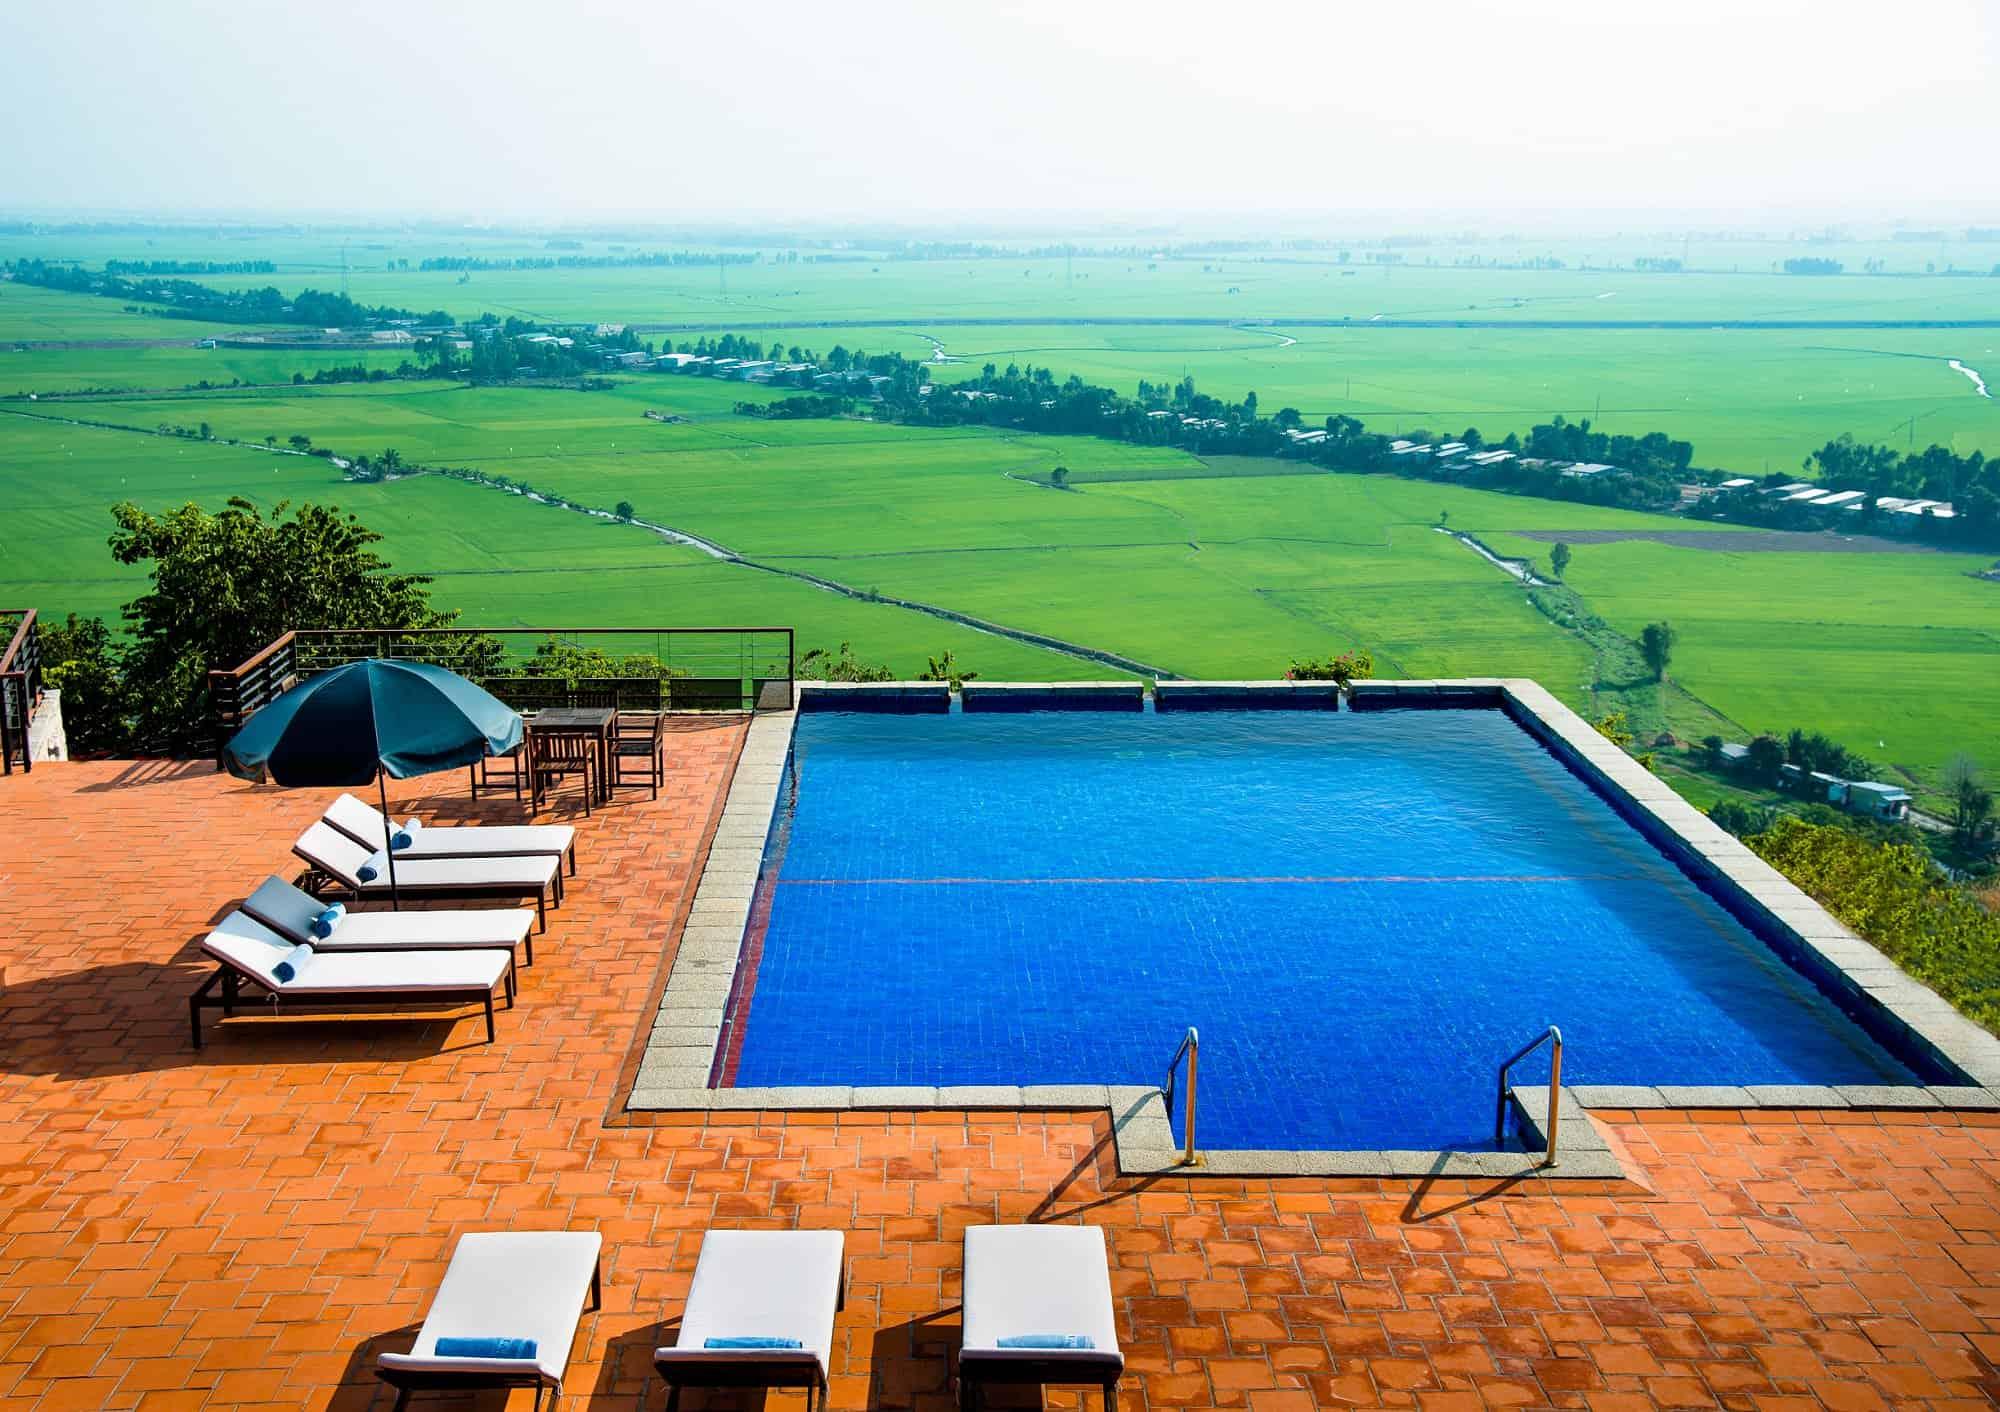 Bể bơi ngoài trời với view nhìn ra cánh đồng lúa bạt ngàn của thành phố Châu Đốc (ảnh sưu tầm)